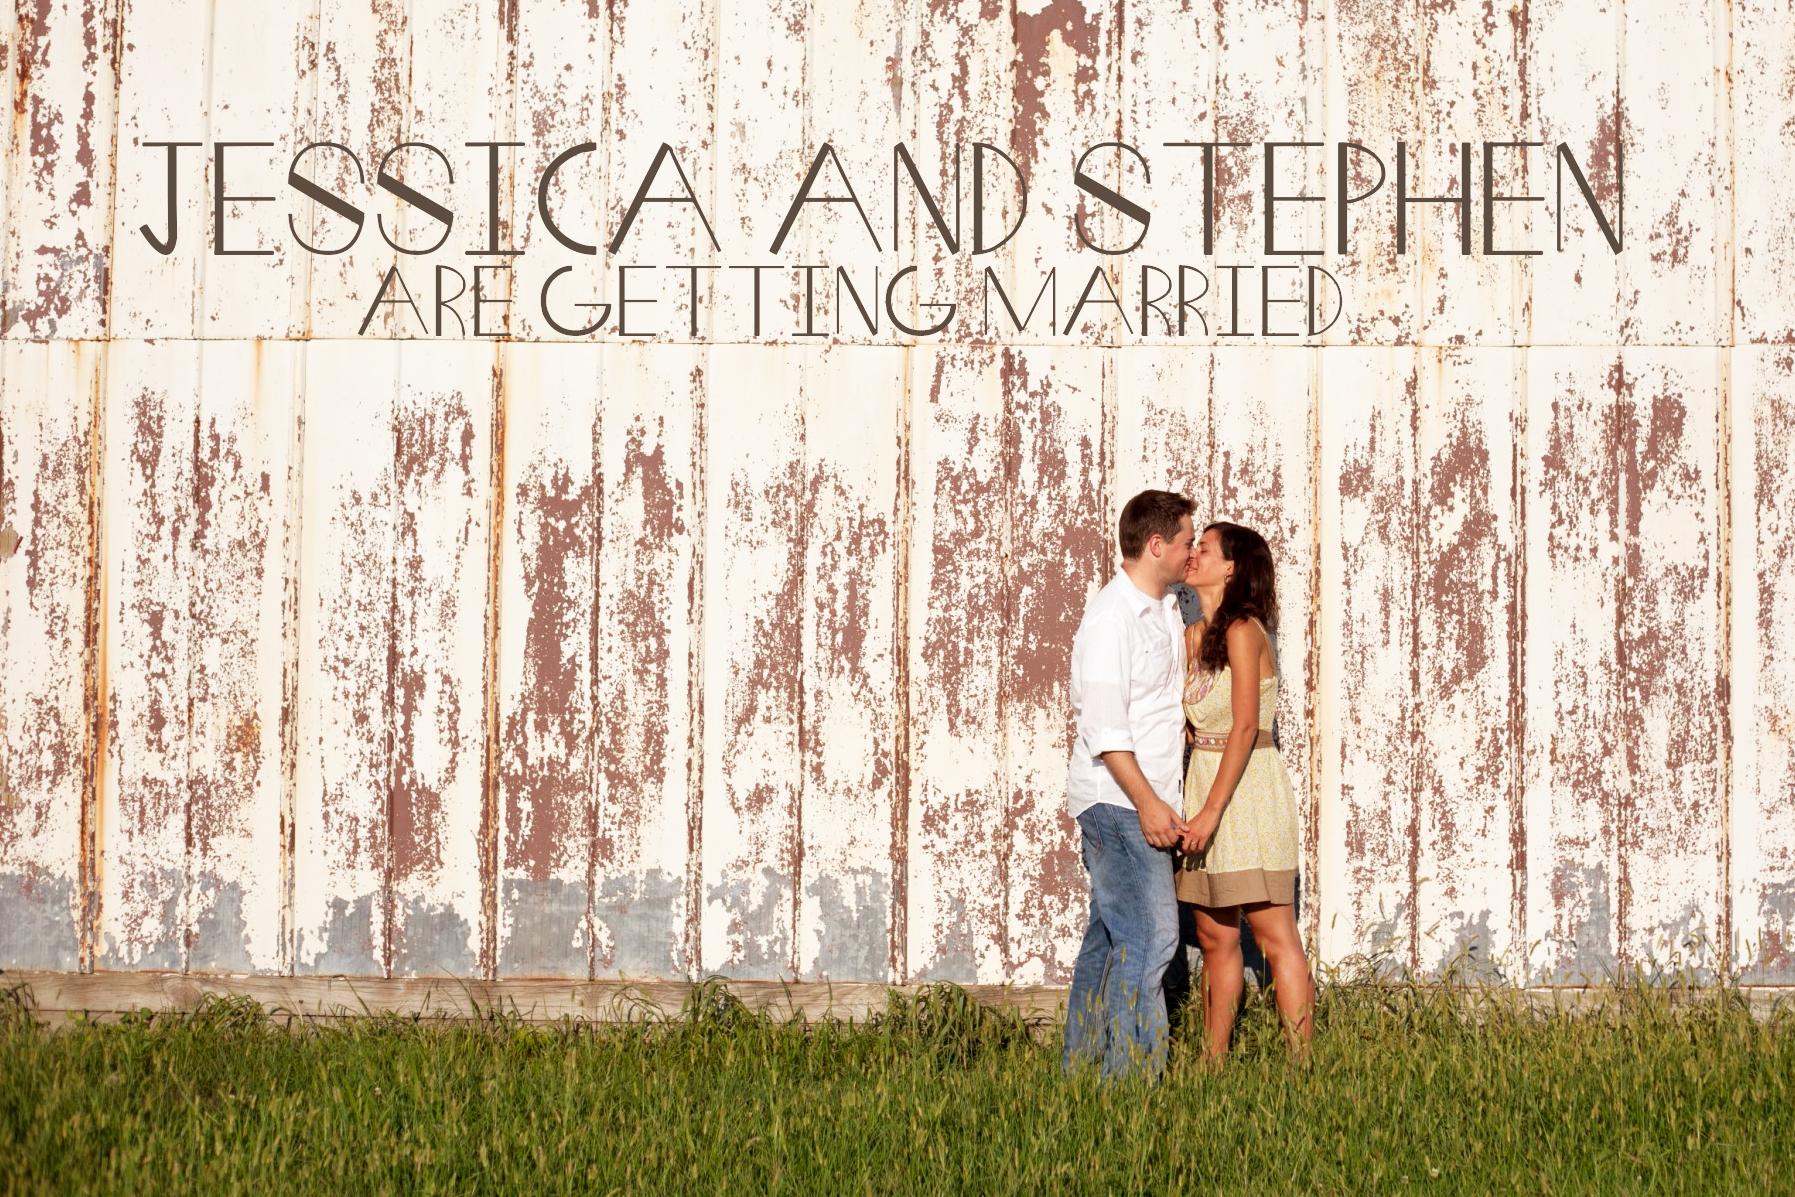 jessica_stephen_save_the_date.jpg